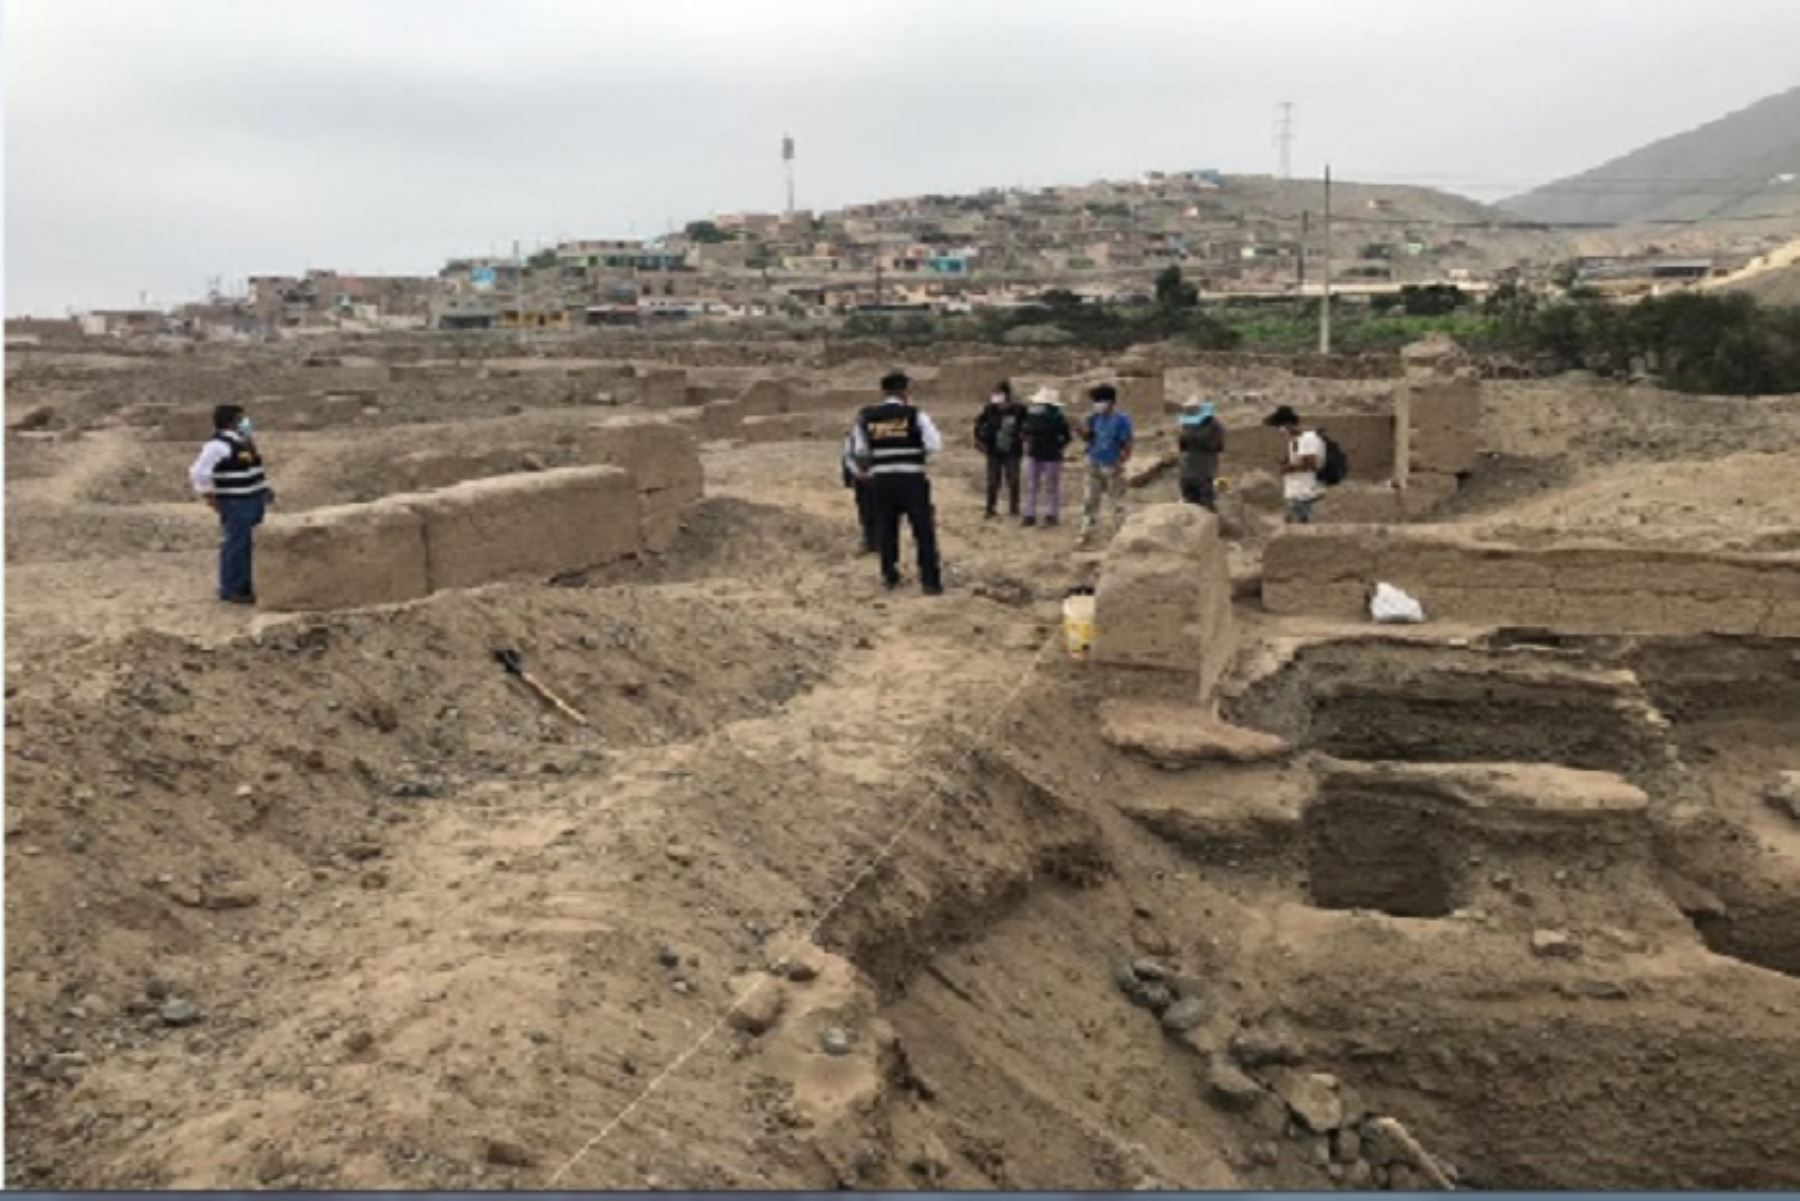 El Ministerio de Cultura rechazó  el irresponsable e injustificado accionar de arqueólogo, que puso en riesgo la integridad de las personas.